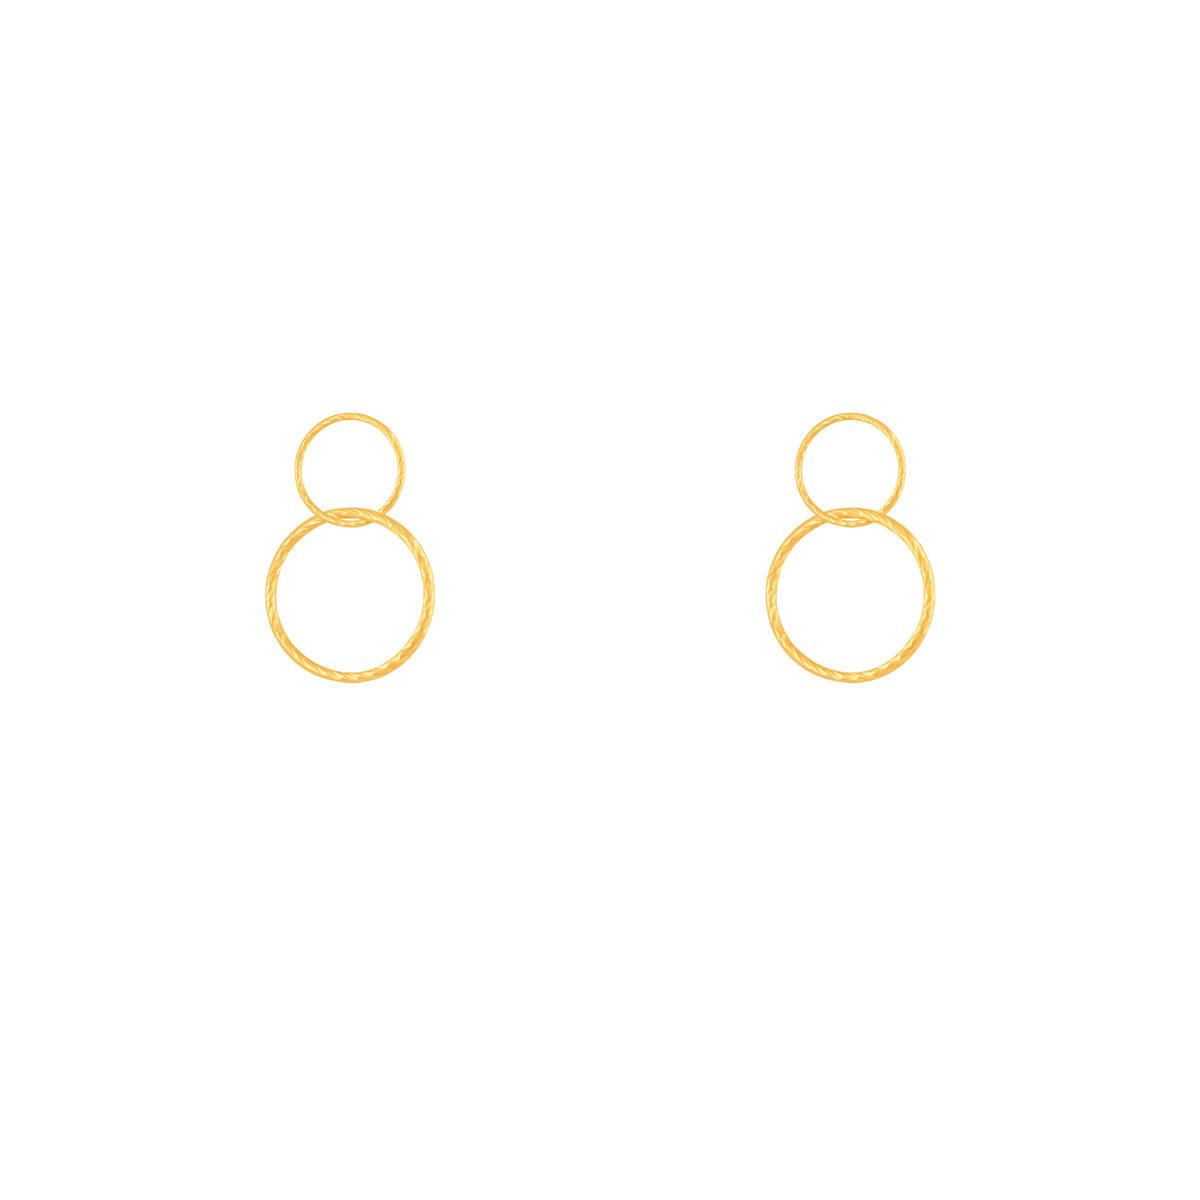 گوشواره طلا دو حلقه